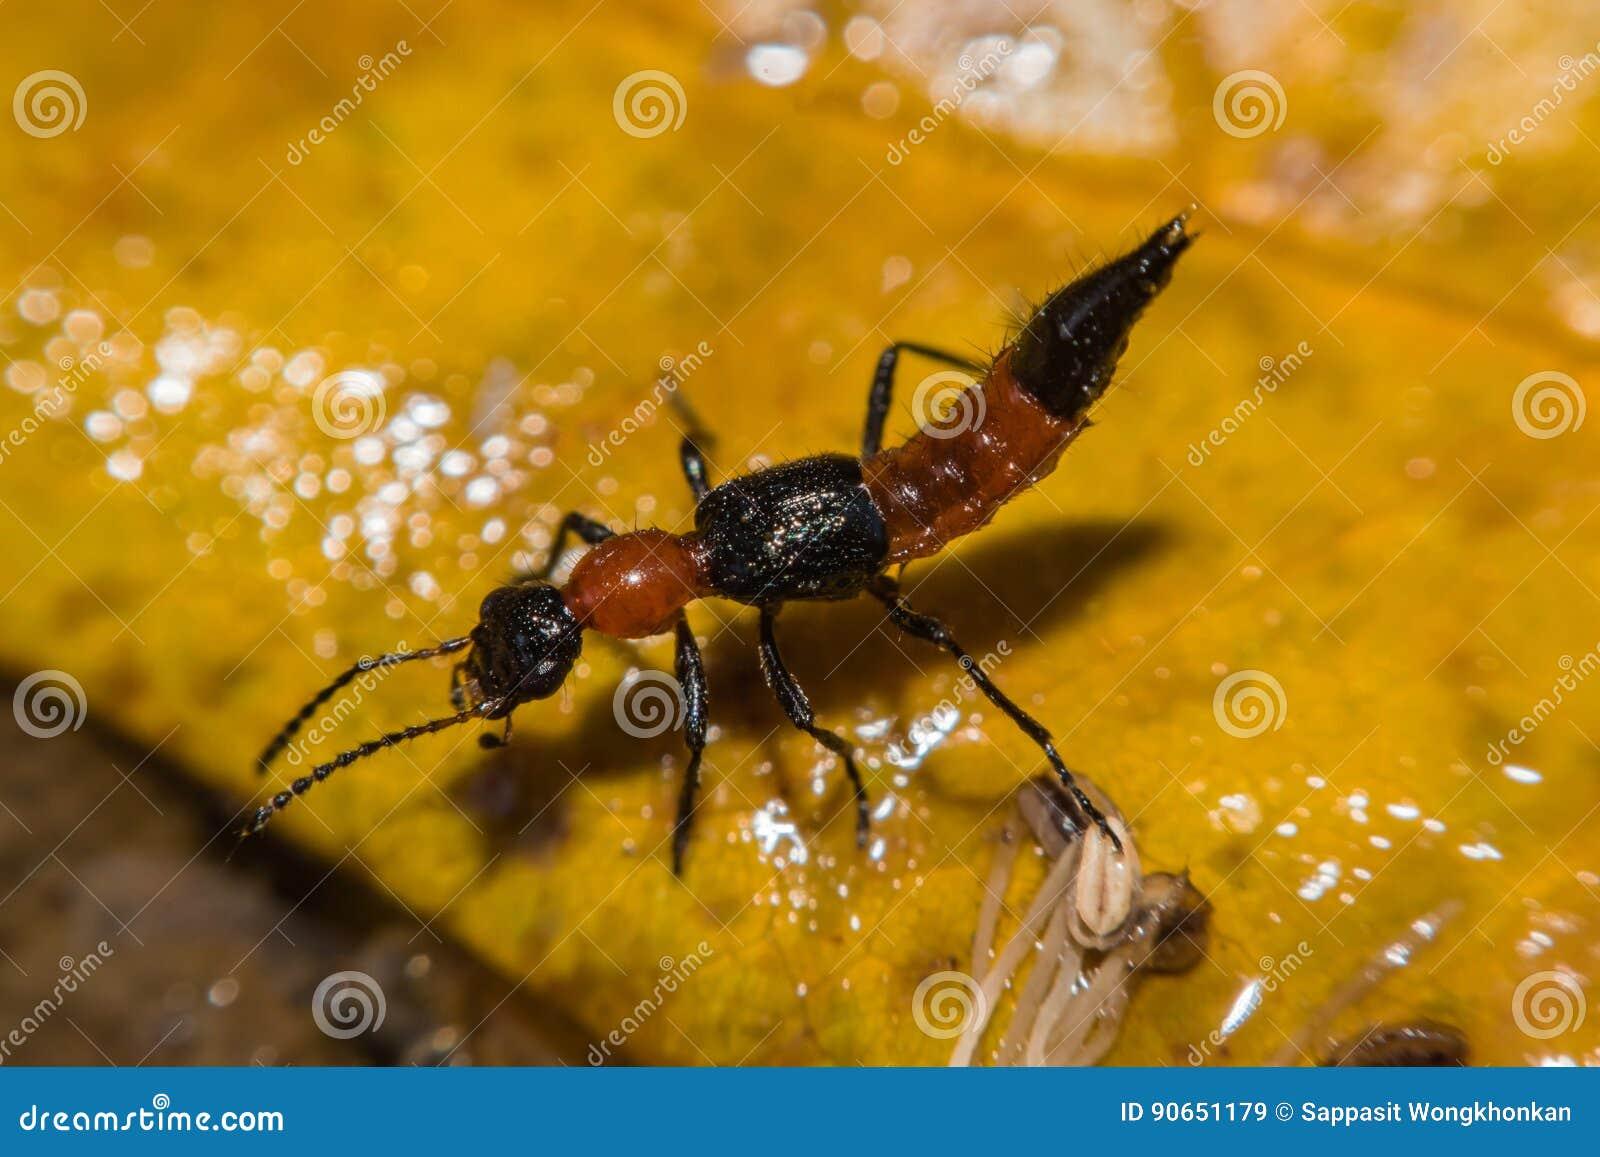 Insekta Paederus riparius Dermatitis - Alergiczna reakcja